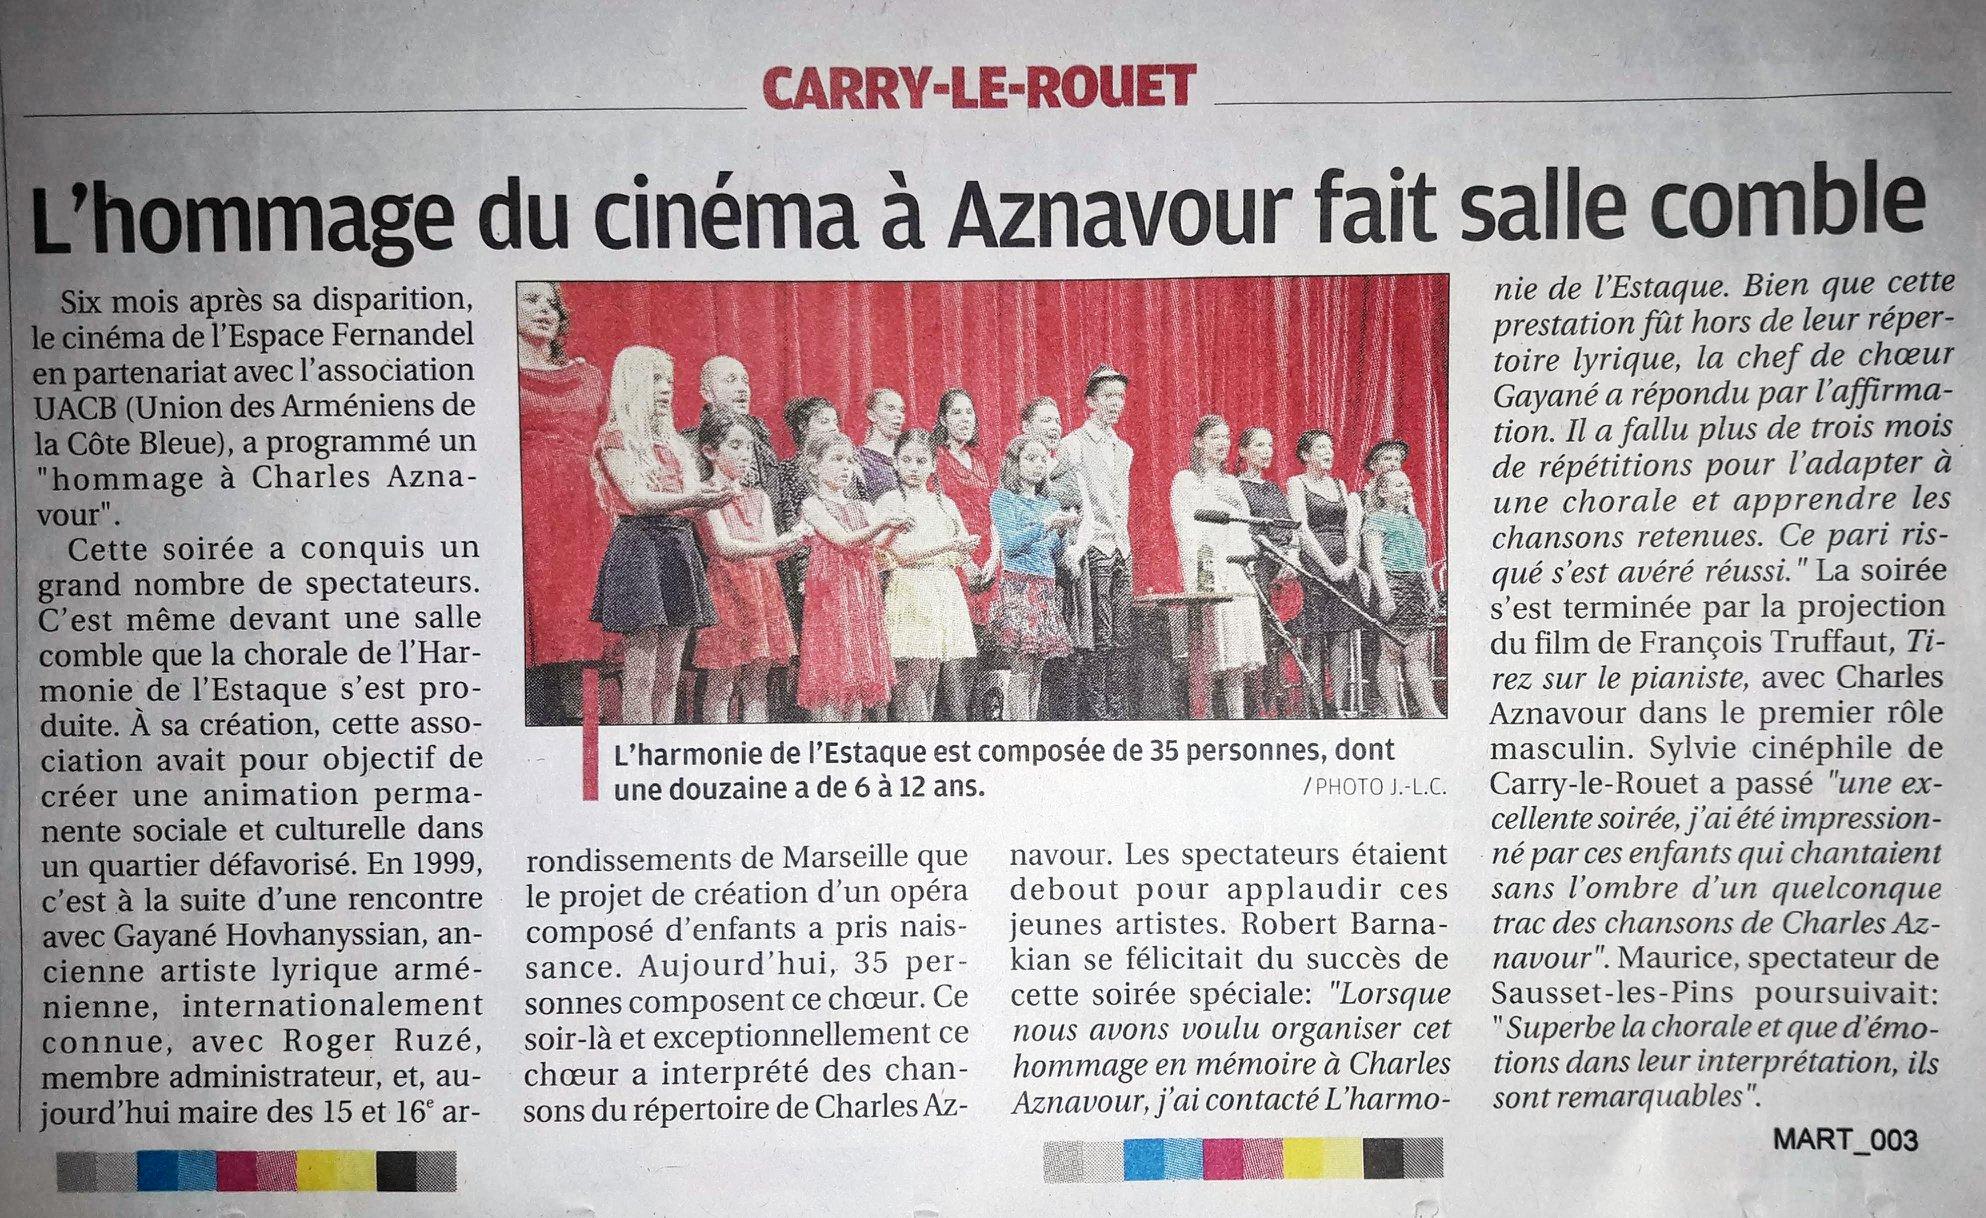 (1) La saison estivale pointe son nez : Gil Henri, président de l'Harmonie  de l'Estaque Gare nous invite à participer à leurs activités culturelles